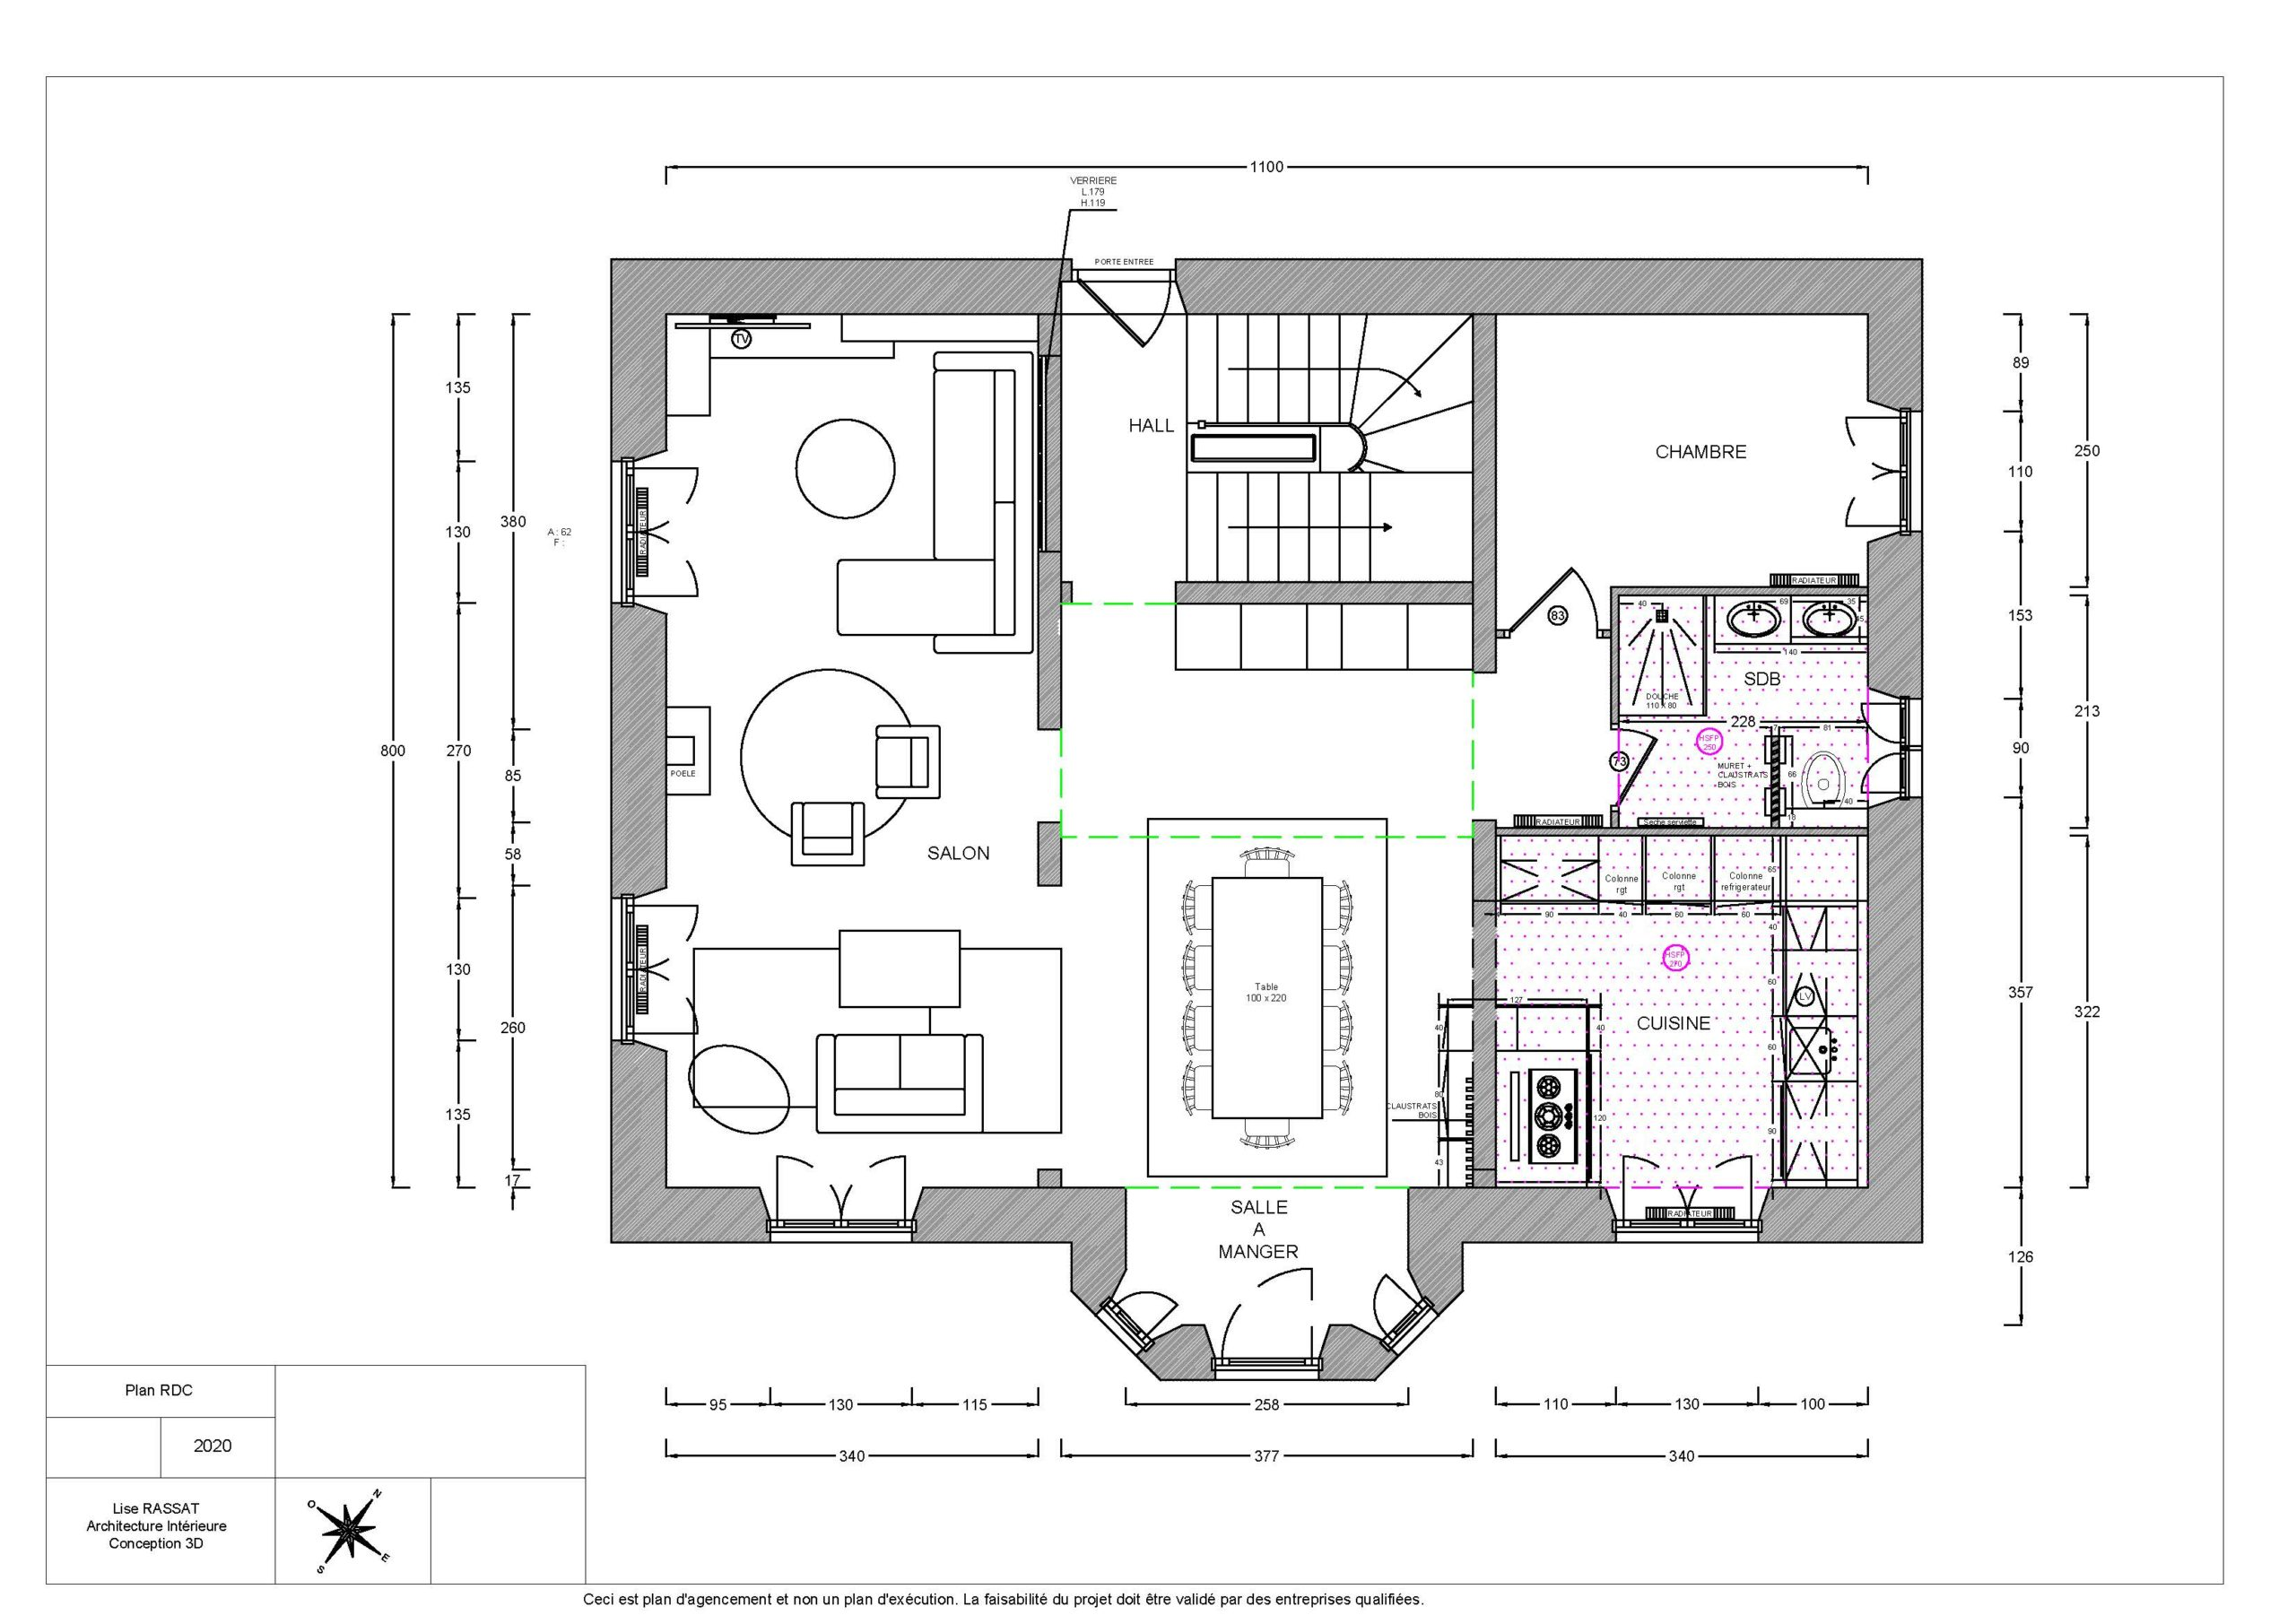 image plan rezde chaussée une demeure exceptionnelle